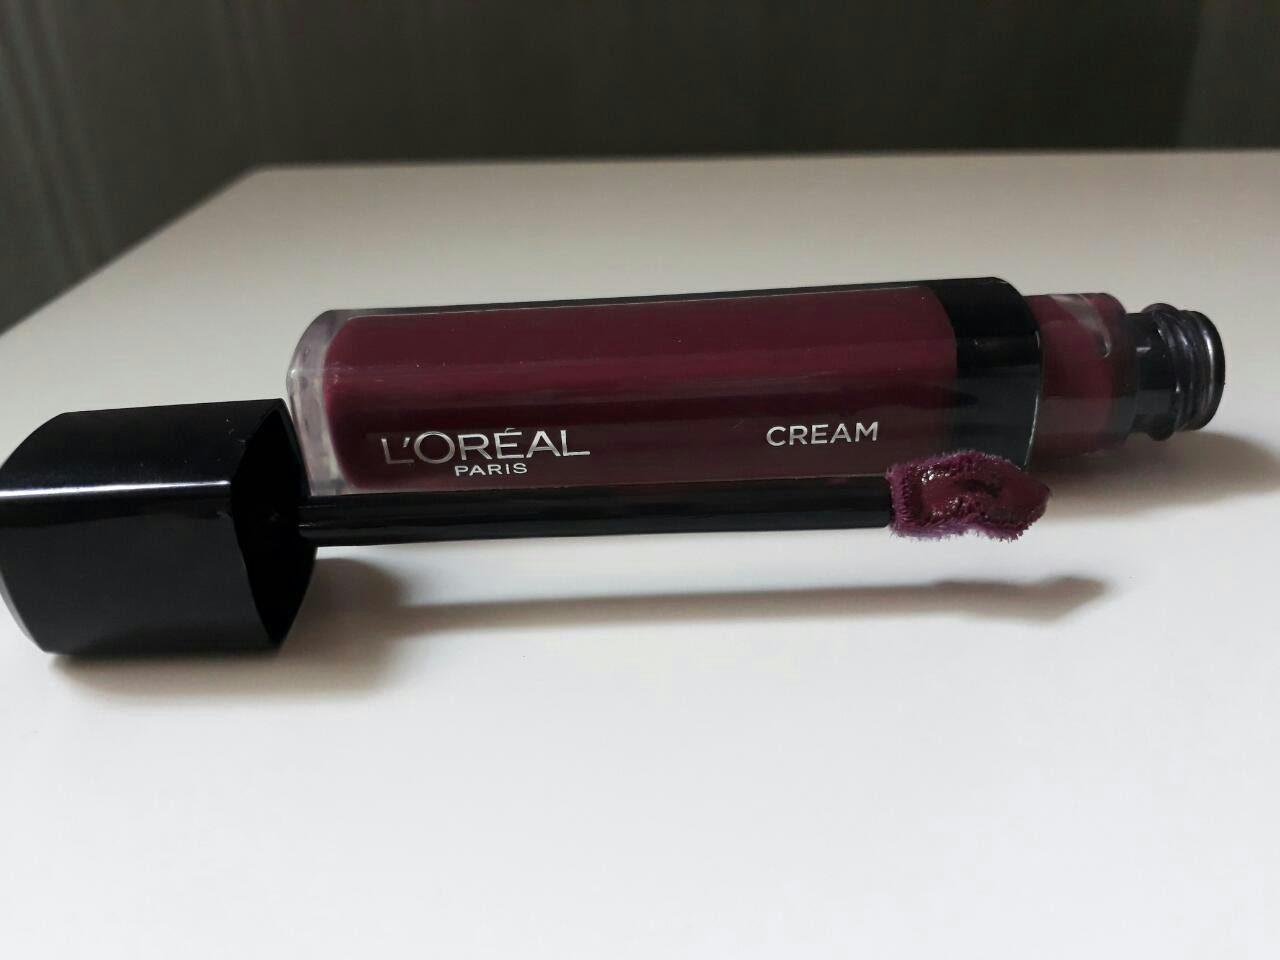 Loreal Paris Mega Gloss Cream Ruj ürün Tanıtımı Bikullan